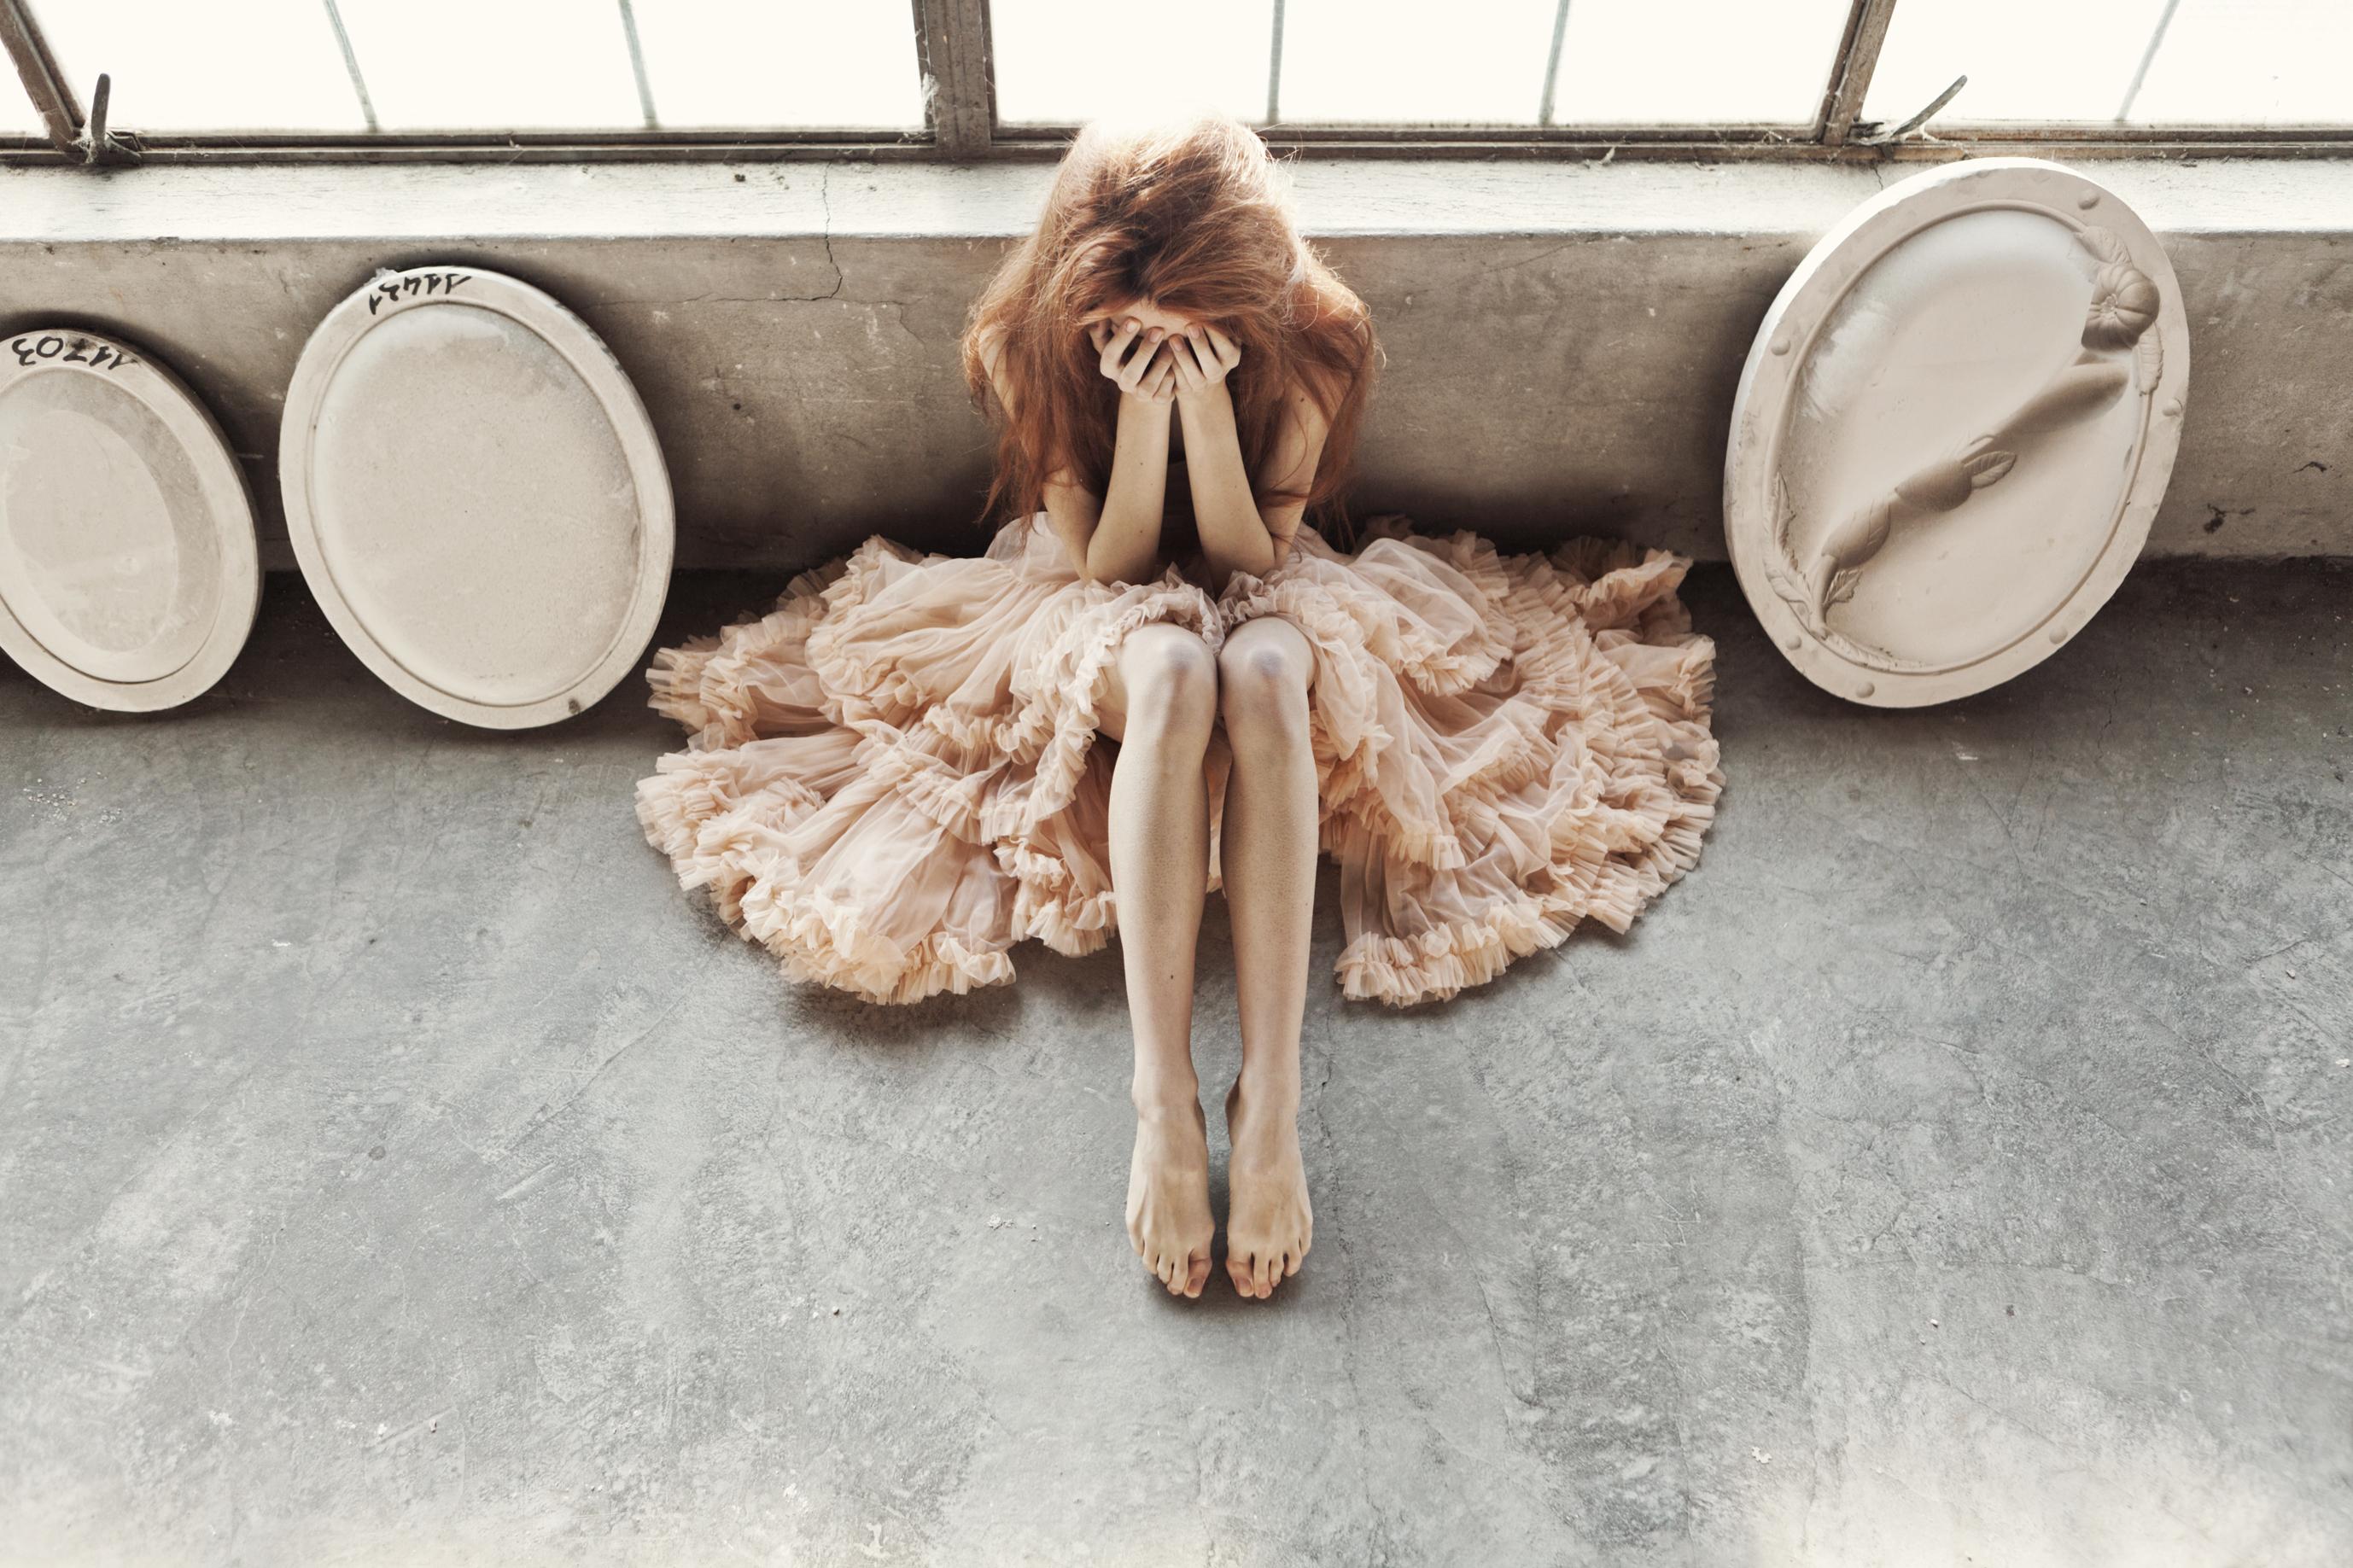 Immagini Ragazza capelli castani ragazza Le gambe seduta Vestito 2756x1837 Ragazze giovane donna giovani donne Seduto sedute Abito